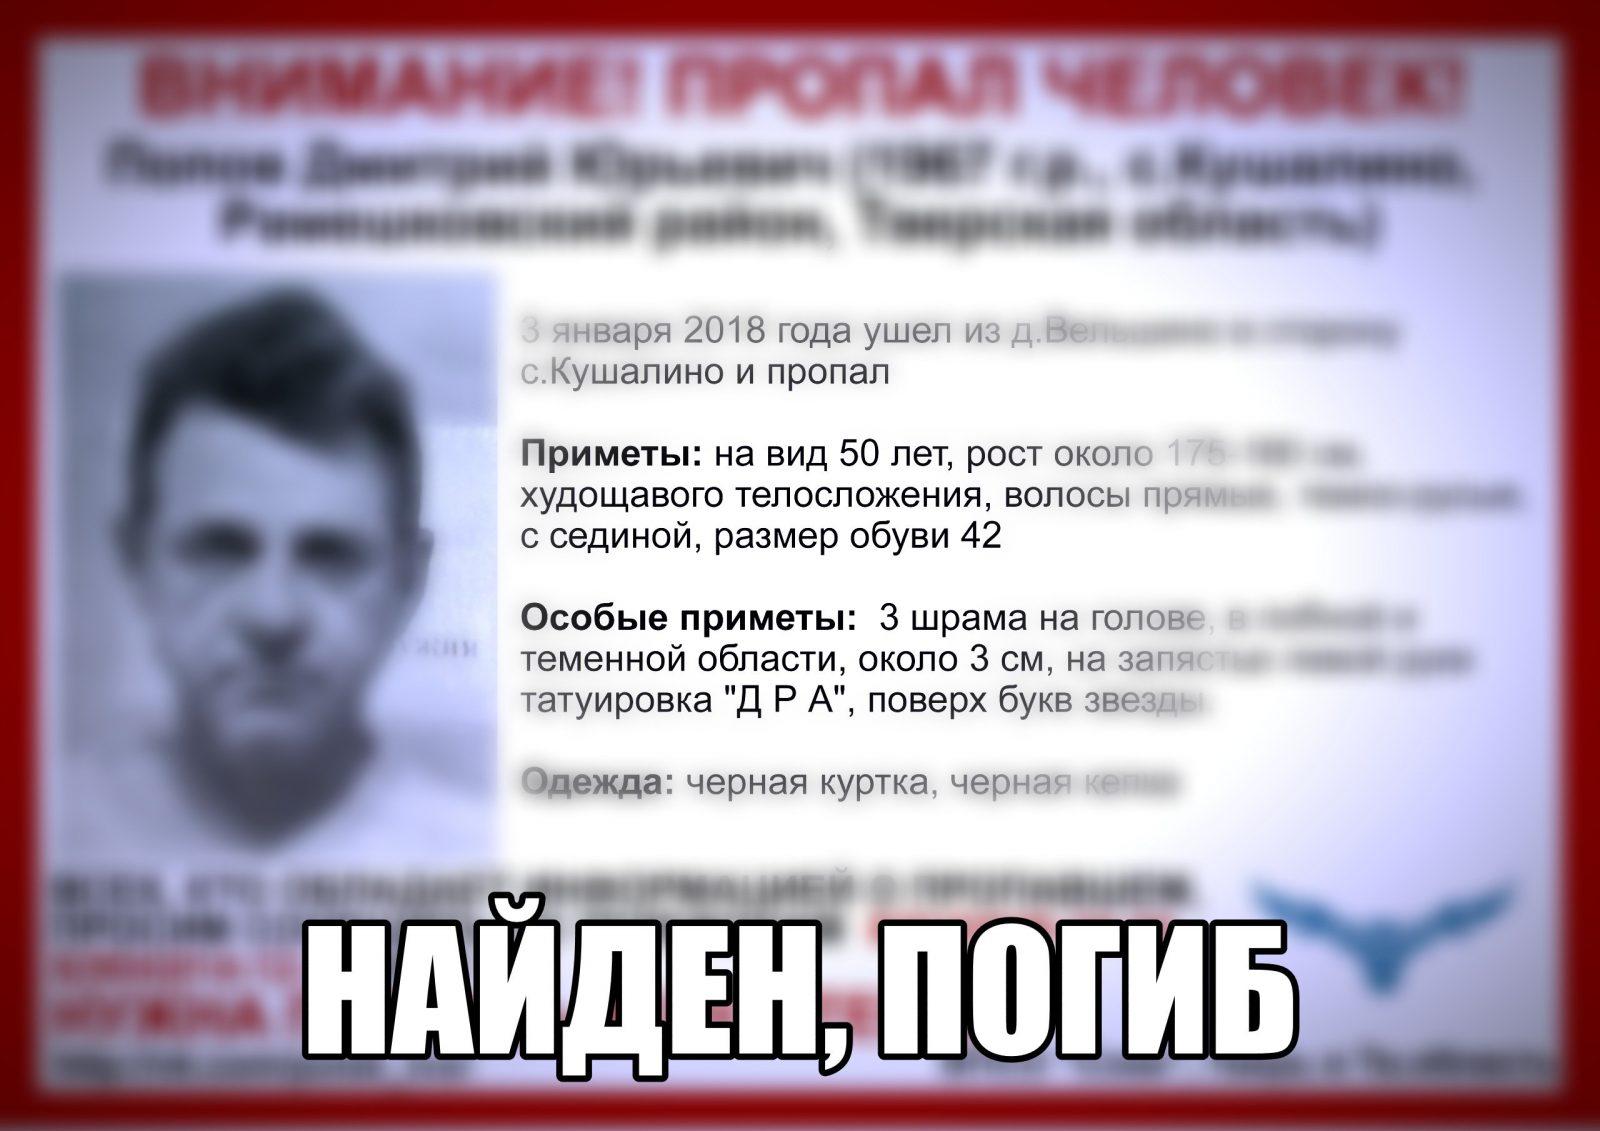 [Погиб] Пропал Попов Дмитрий Юрьевич (1967 г.р.)